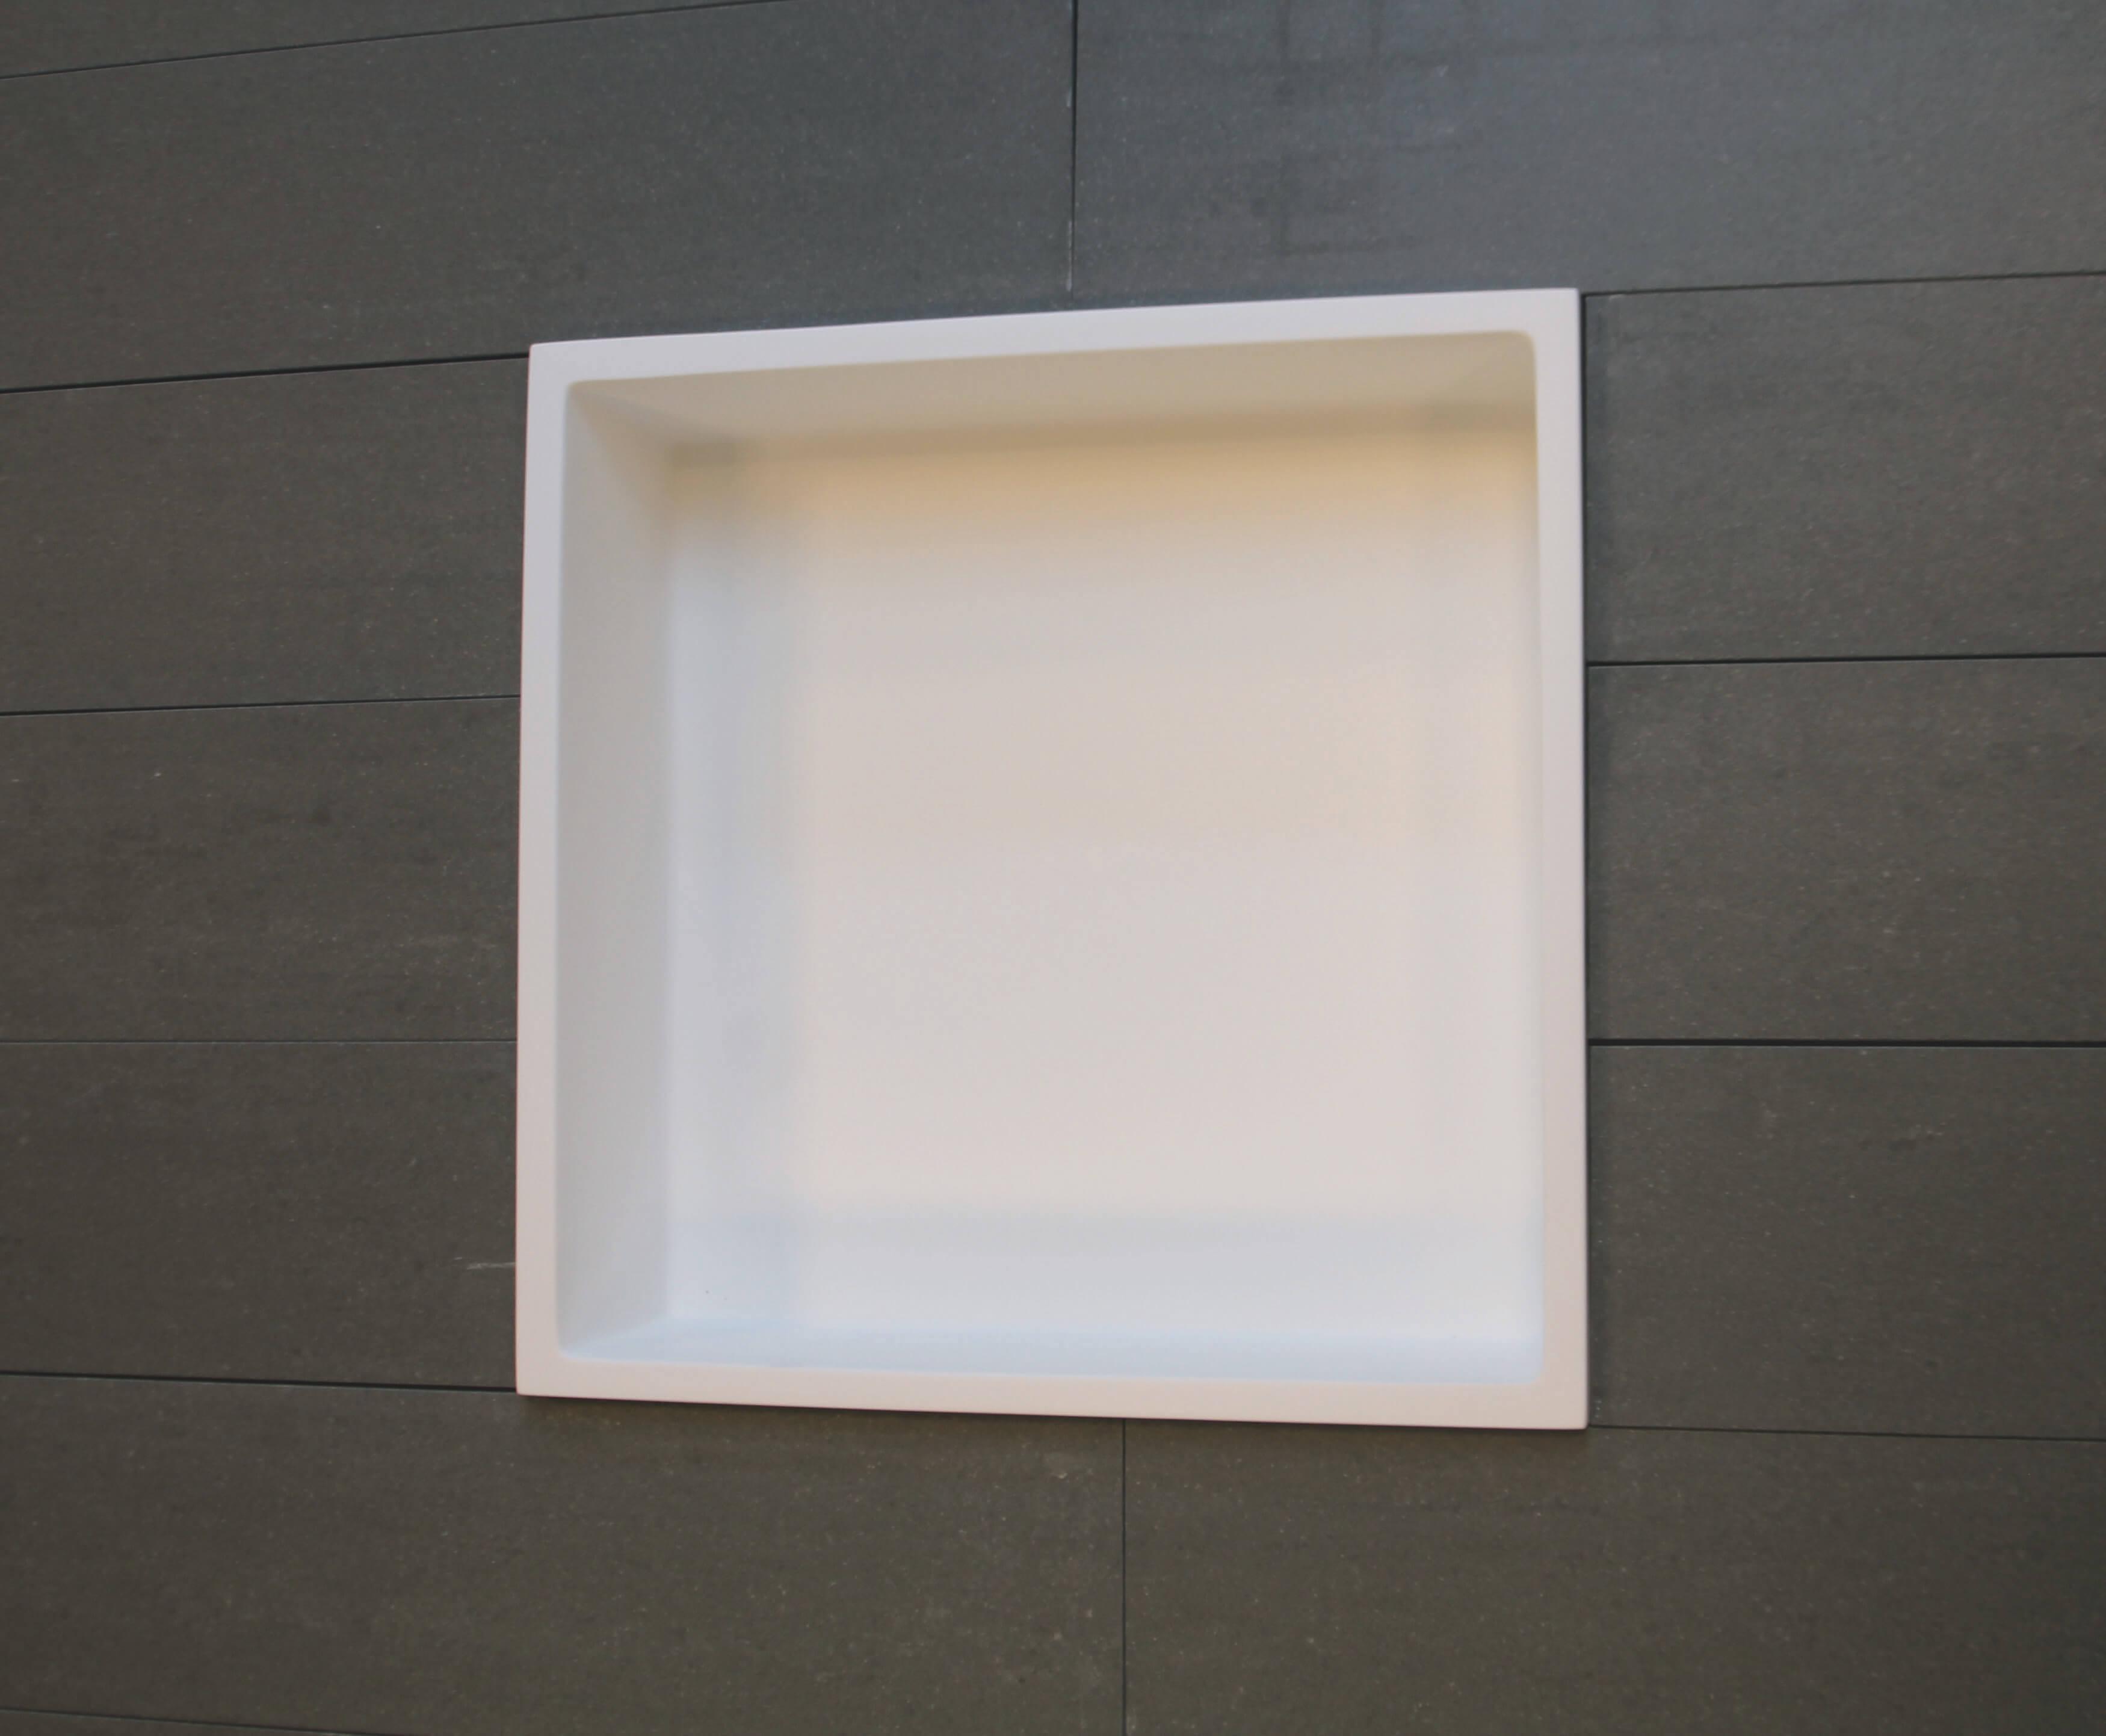 Solid Surface Badkamer : Badkamer factory online shop luca sanitair luca nissen nis van